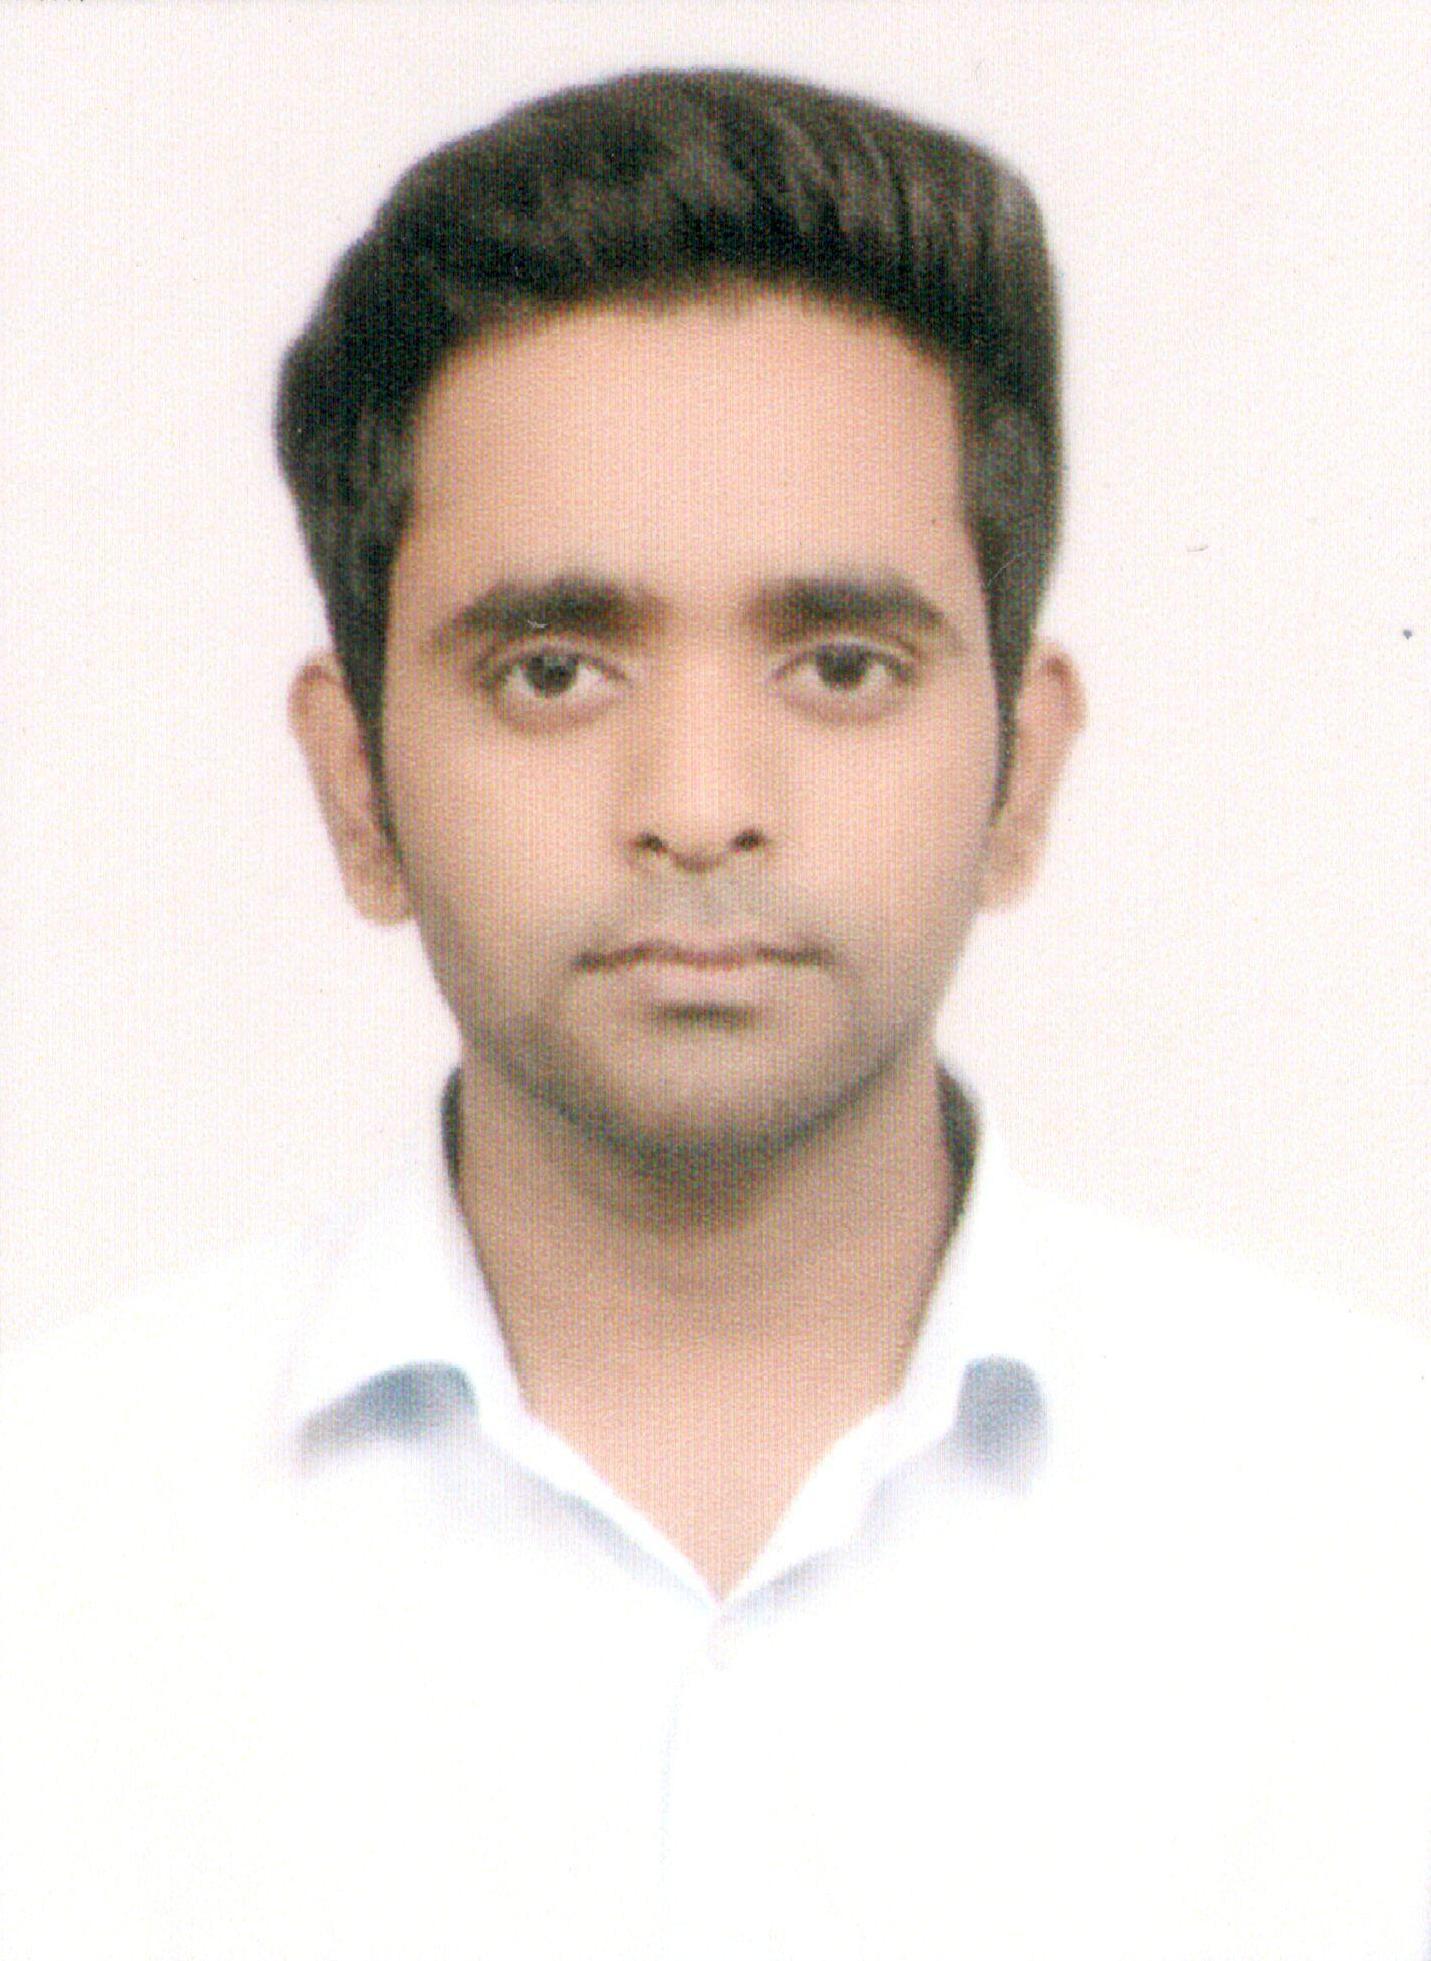 Abhishek Baviskar